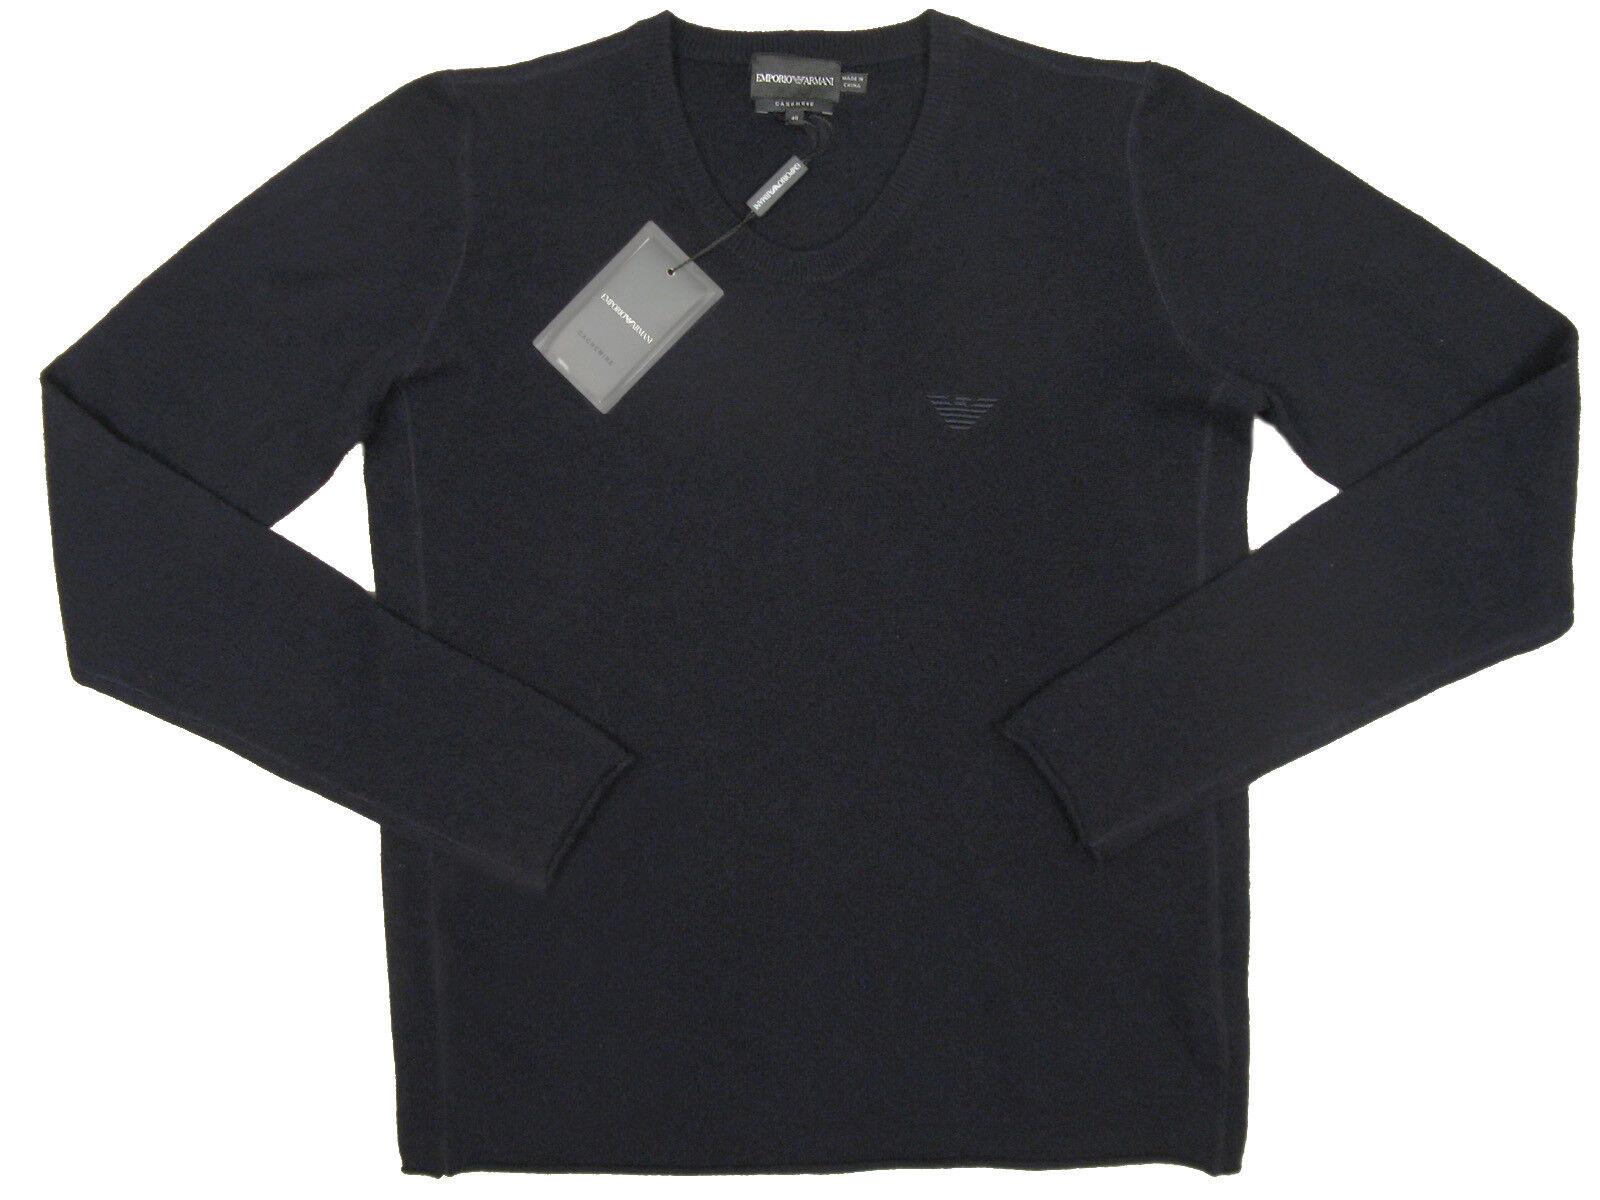 NEW Giorgio Armani Emporio Cashmere Sweater  40 (M) Dark Navy or Mauve  Slim Fit